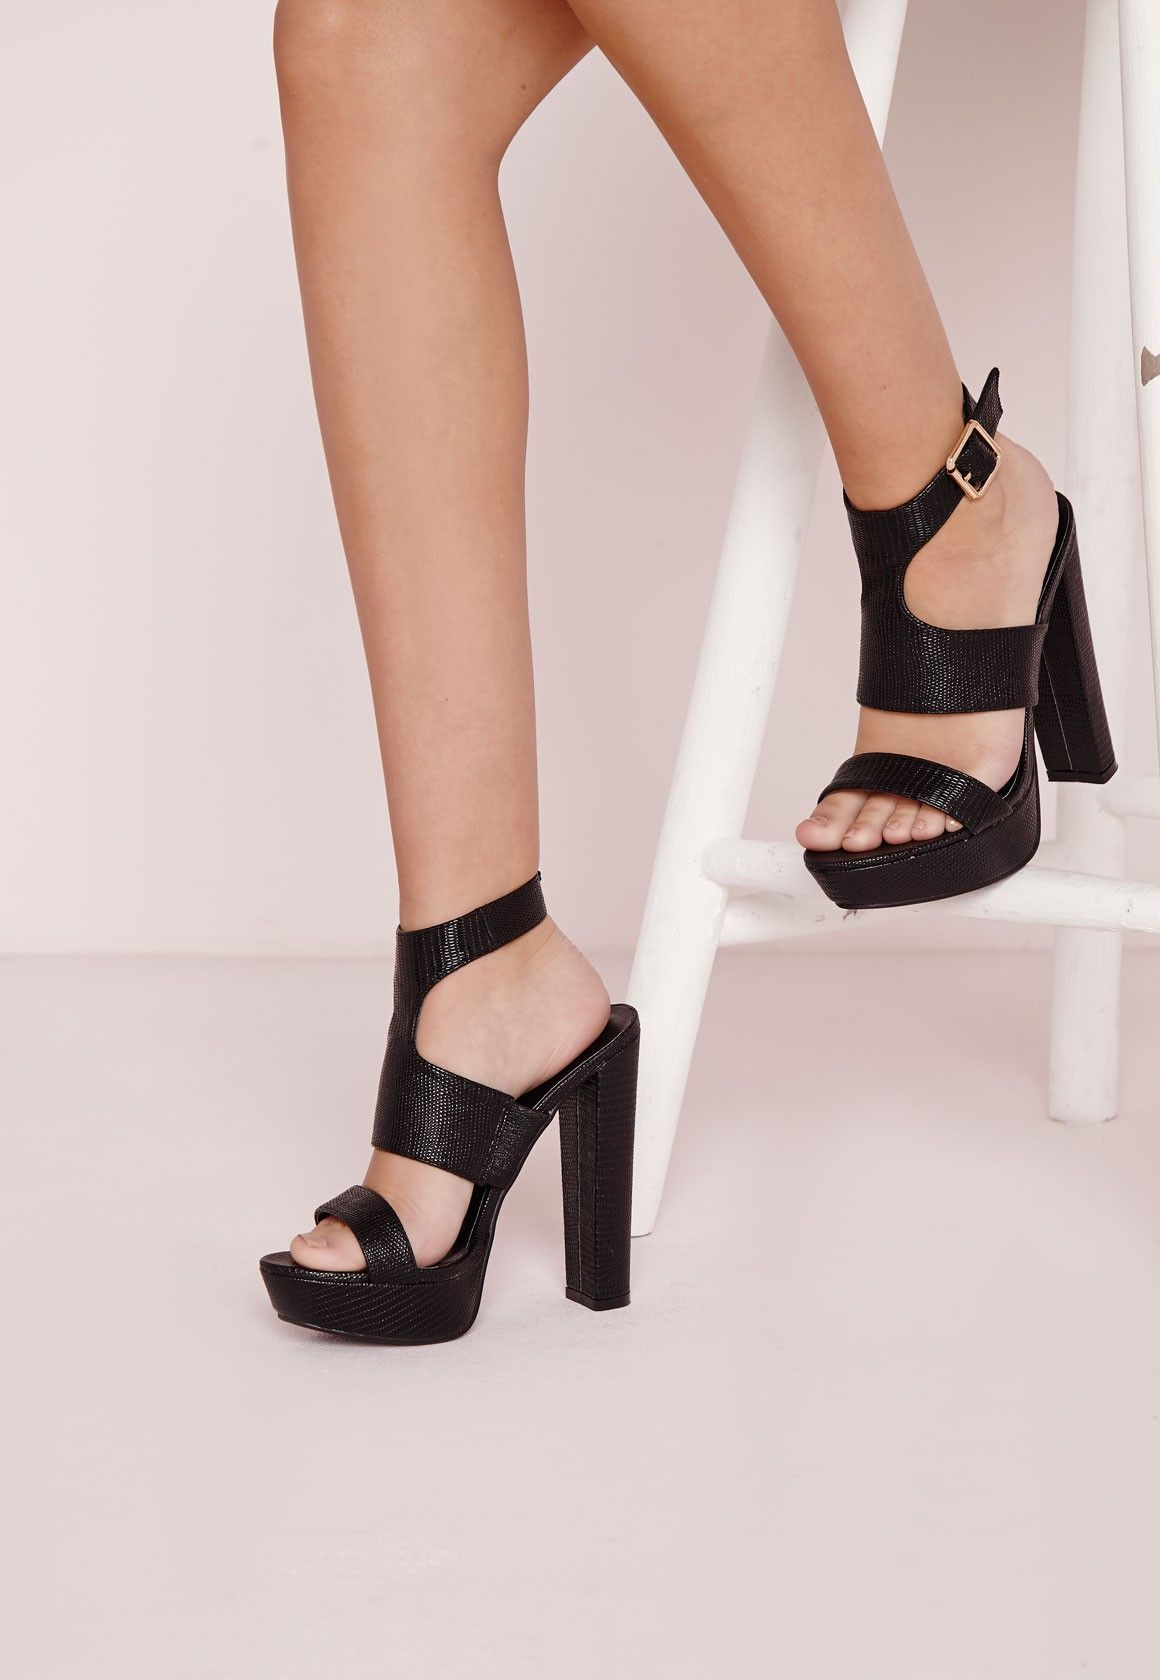 27883c4ace7 Missguided - Platform Ankle Strap Heeled Sandals Black